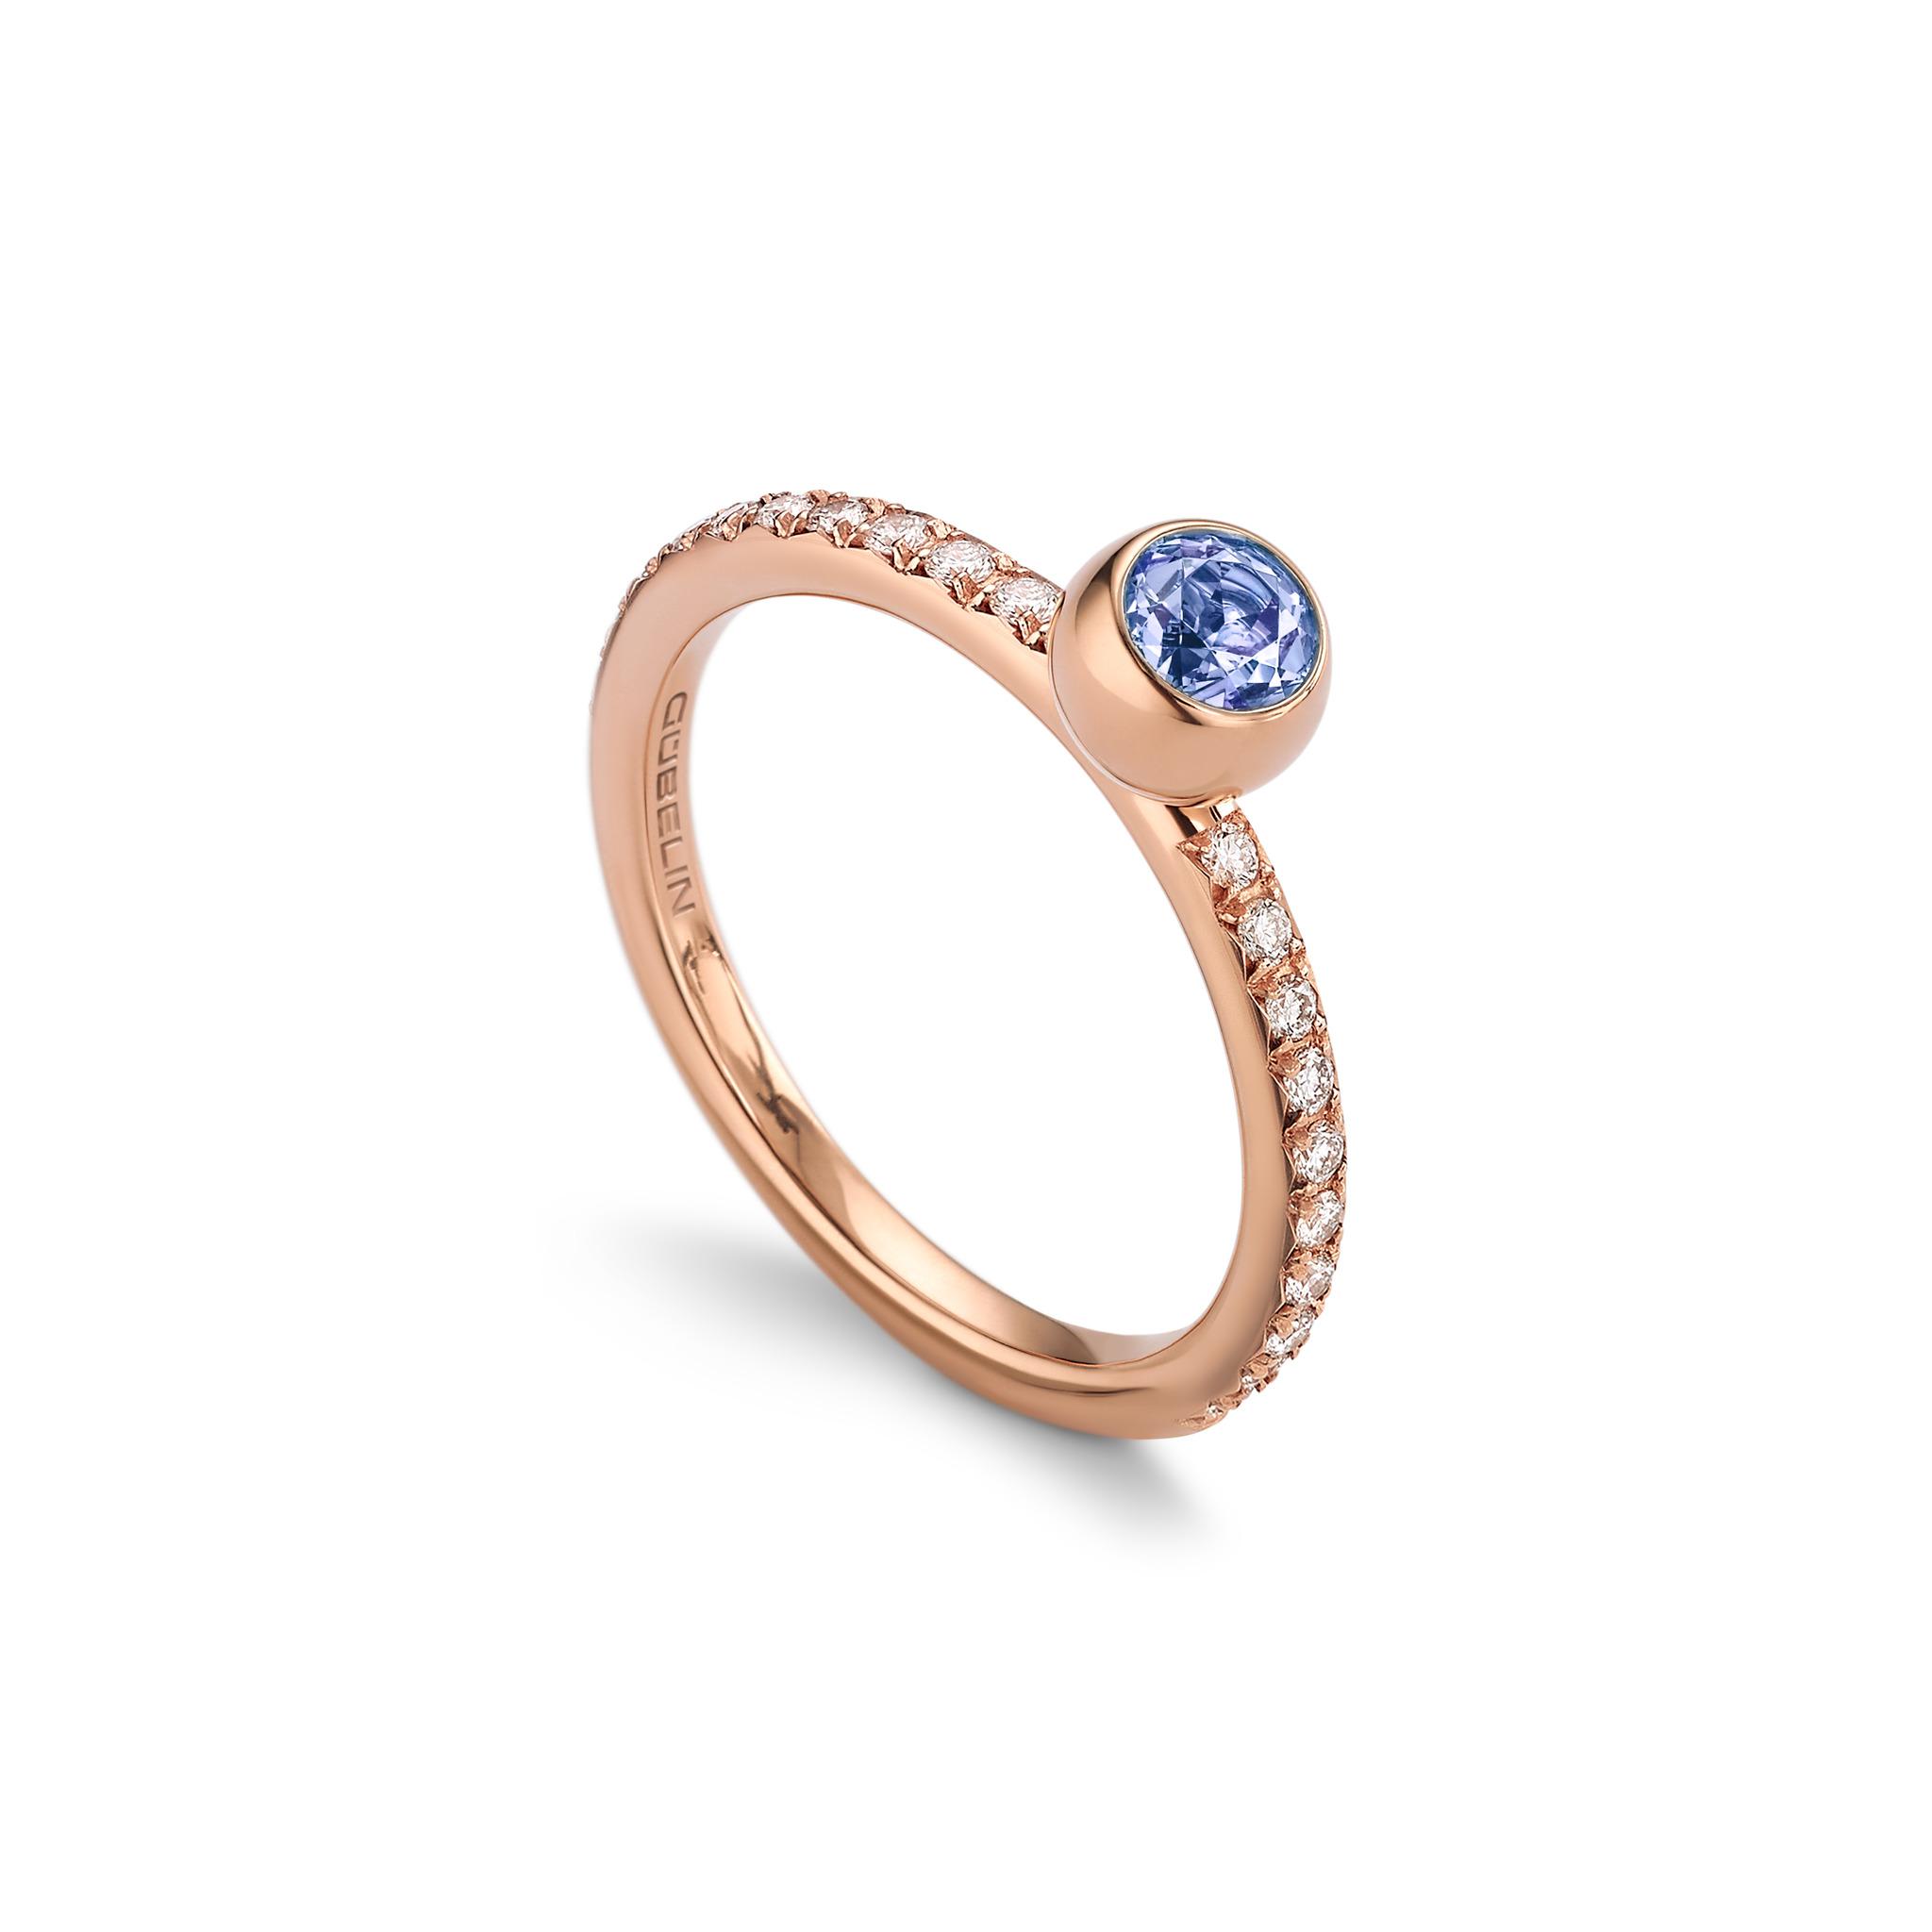 坦桑石戒指